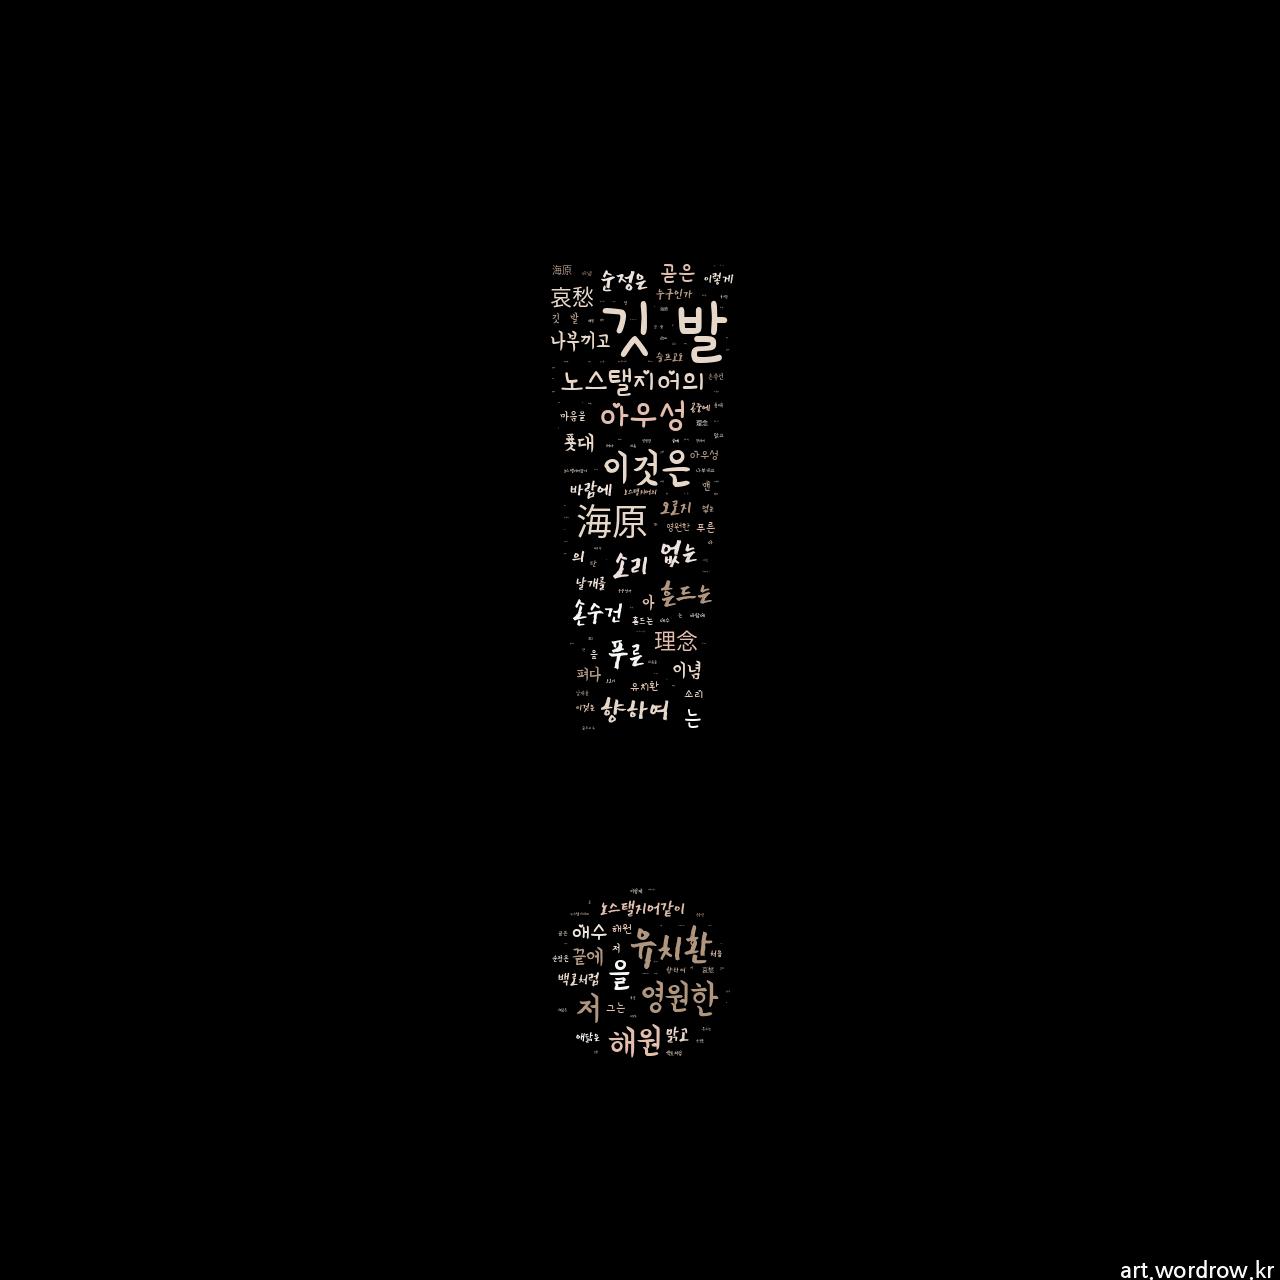 워드 아트: 깃 발 [유치환]-10